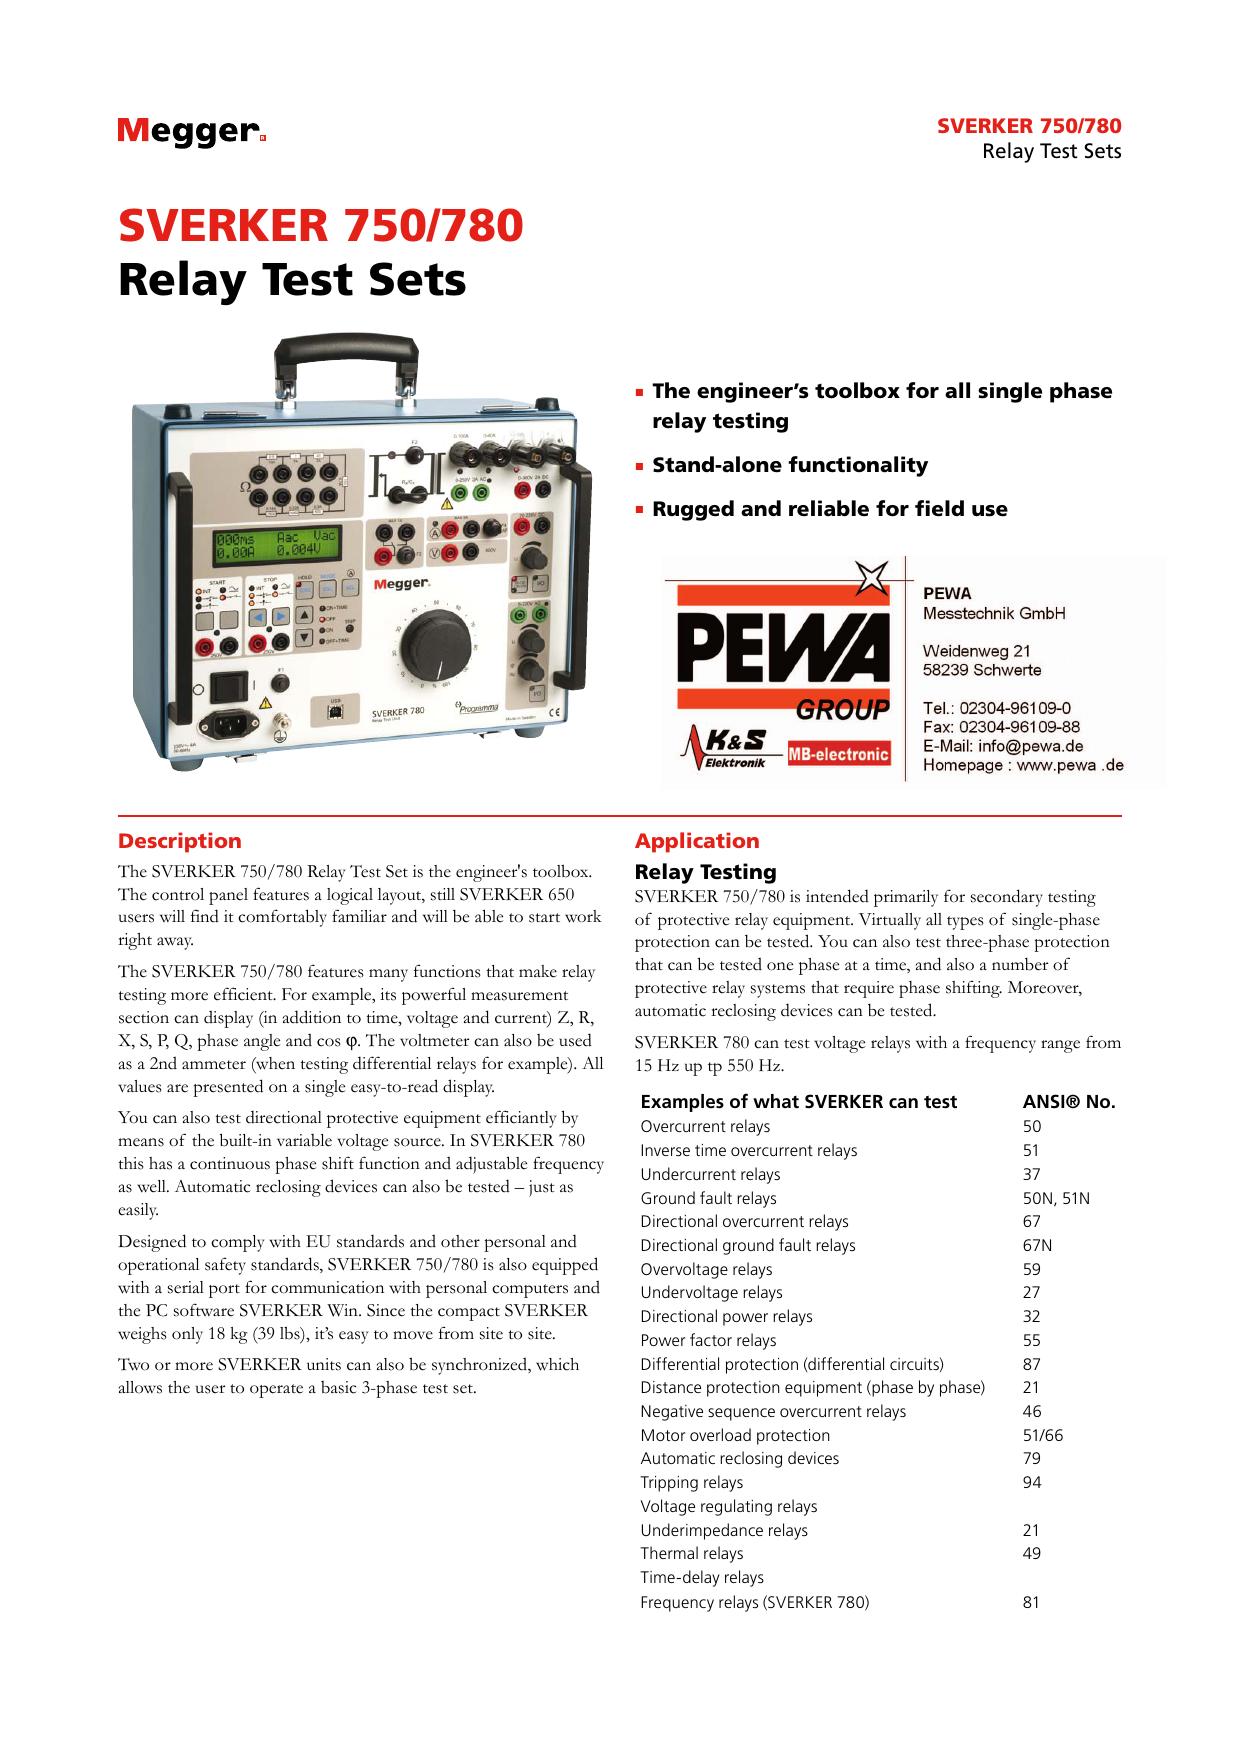 SVERKER 750/780 Relay Test Sets | manualzz com